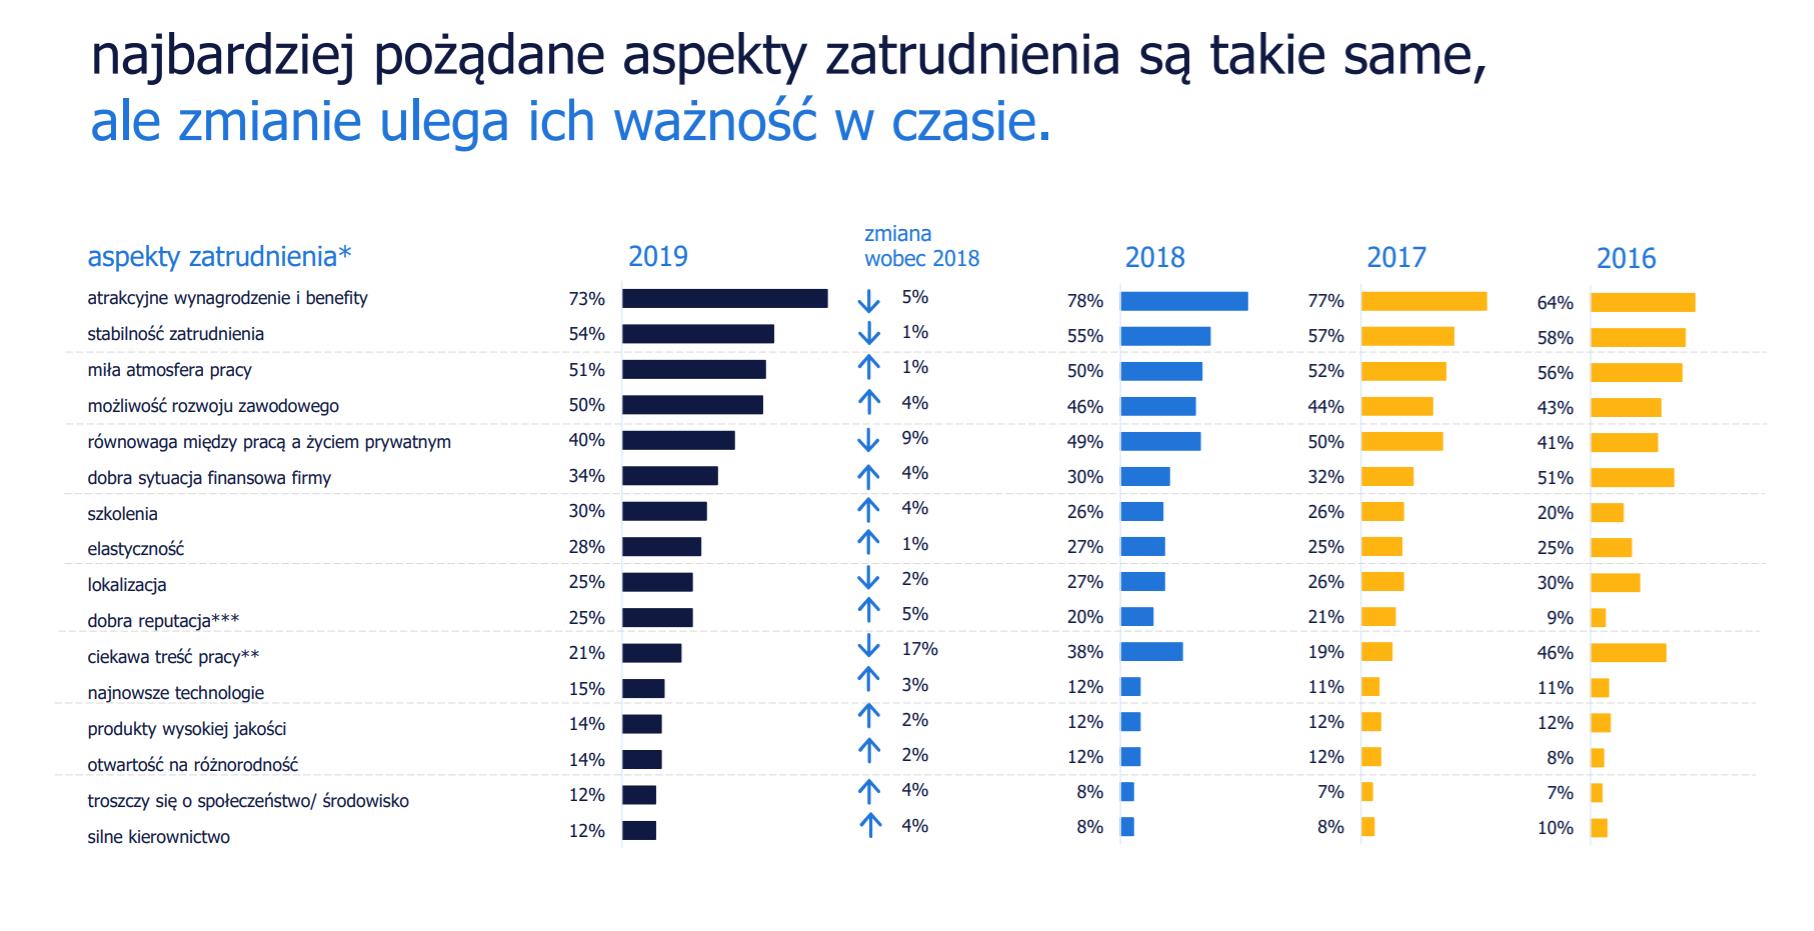 źródło: randstad.pl